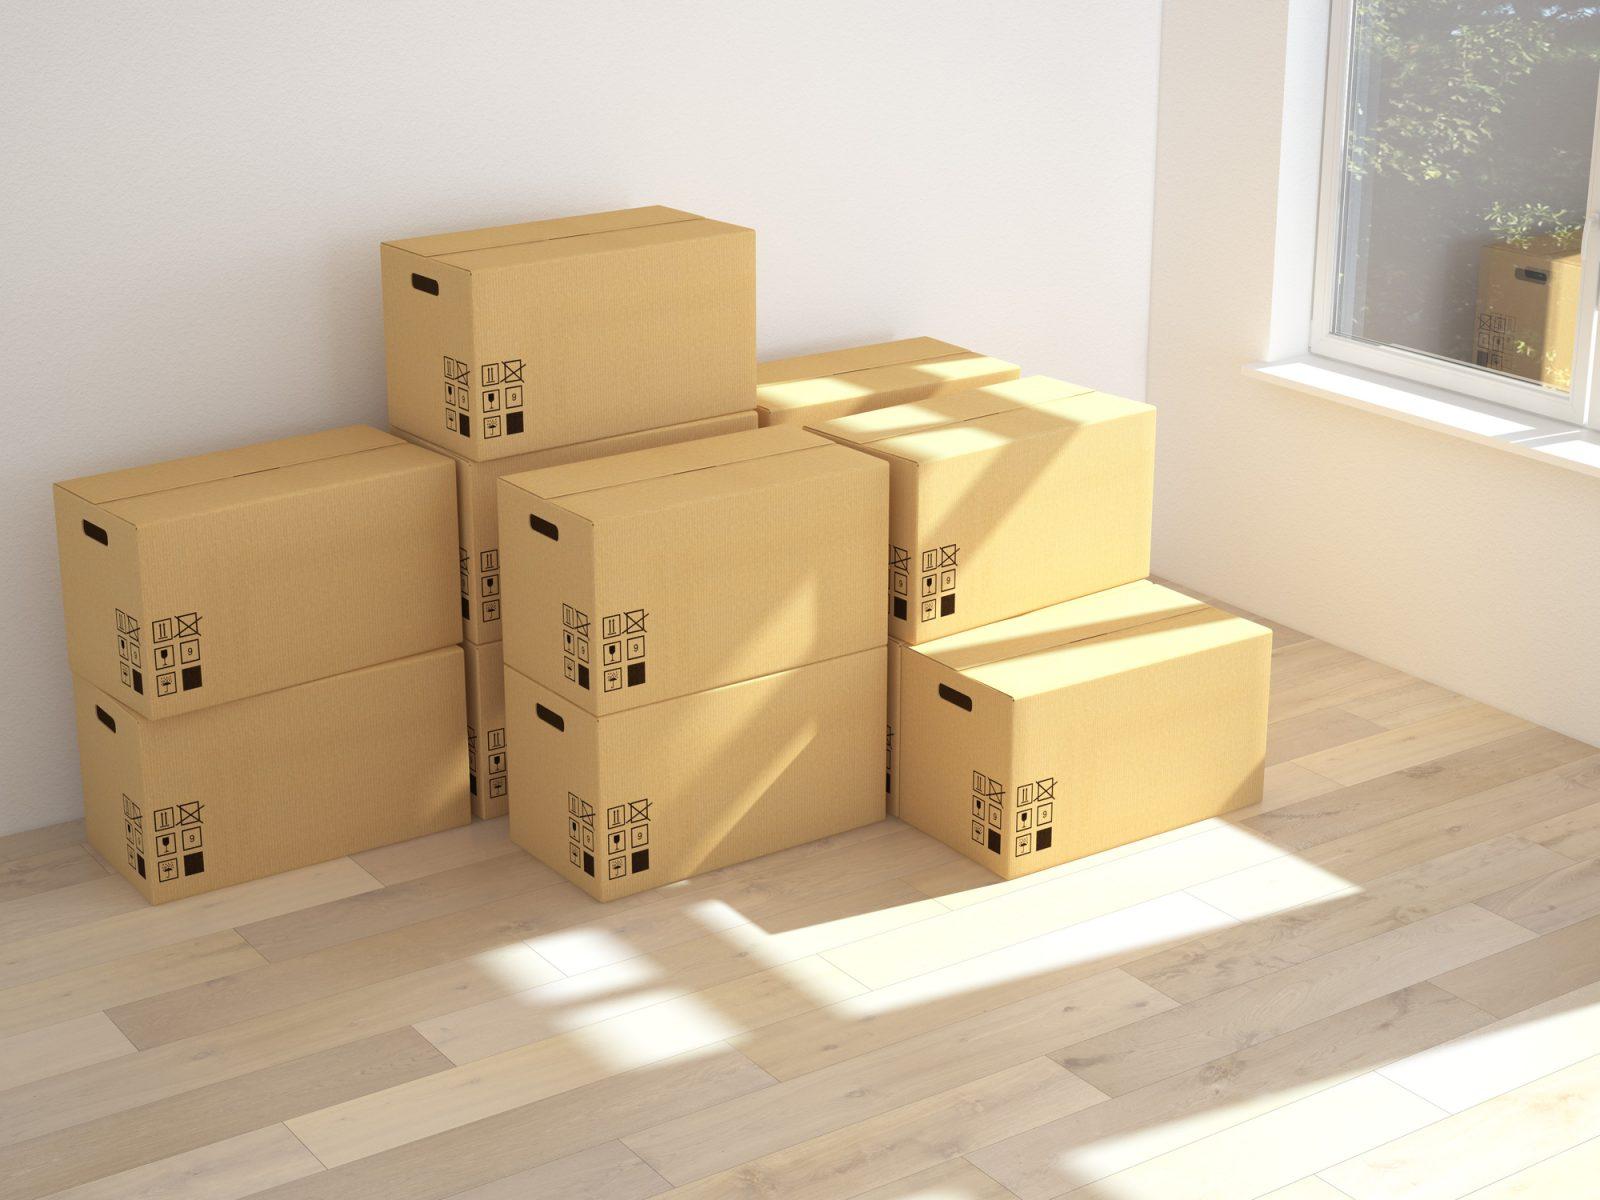 Comment rendre le déménagement plus agréable?